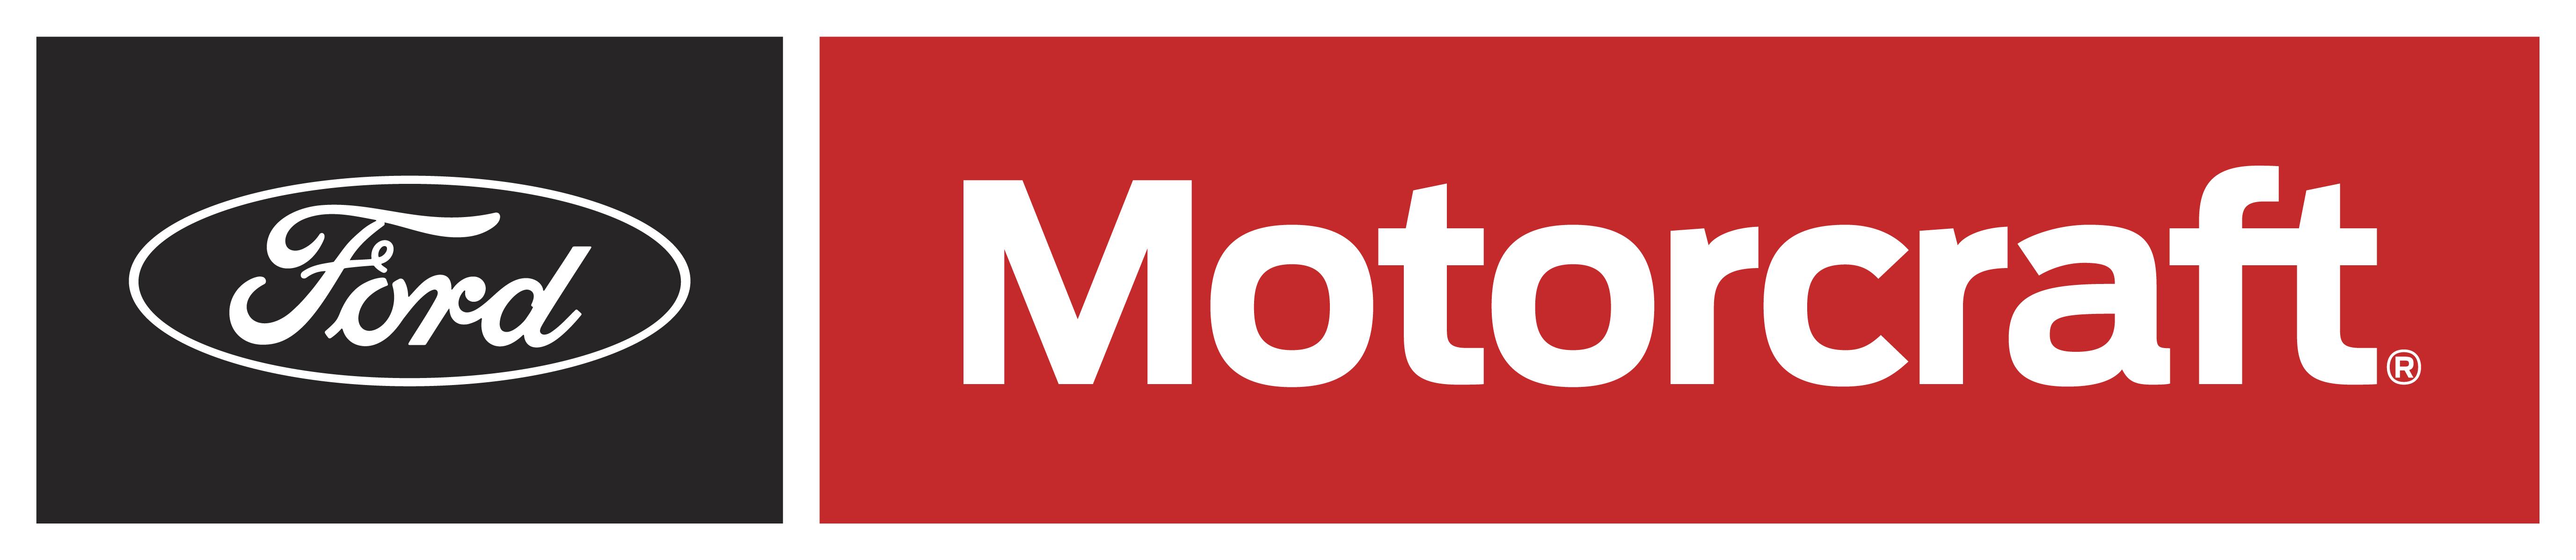 Ford Motorcraft Logo | Logos download